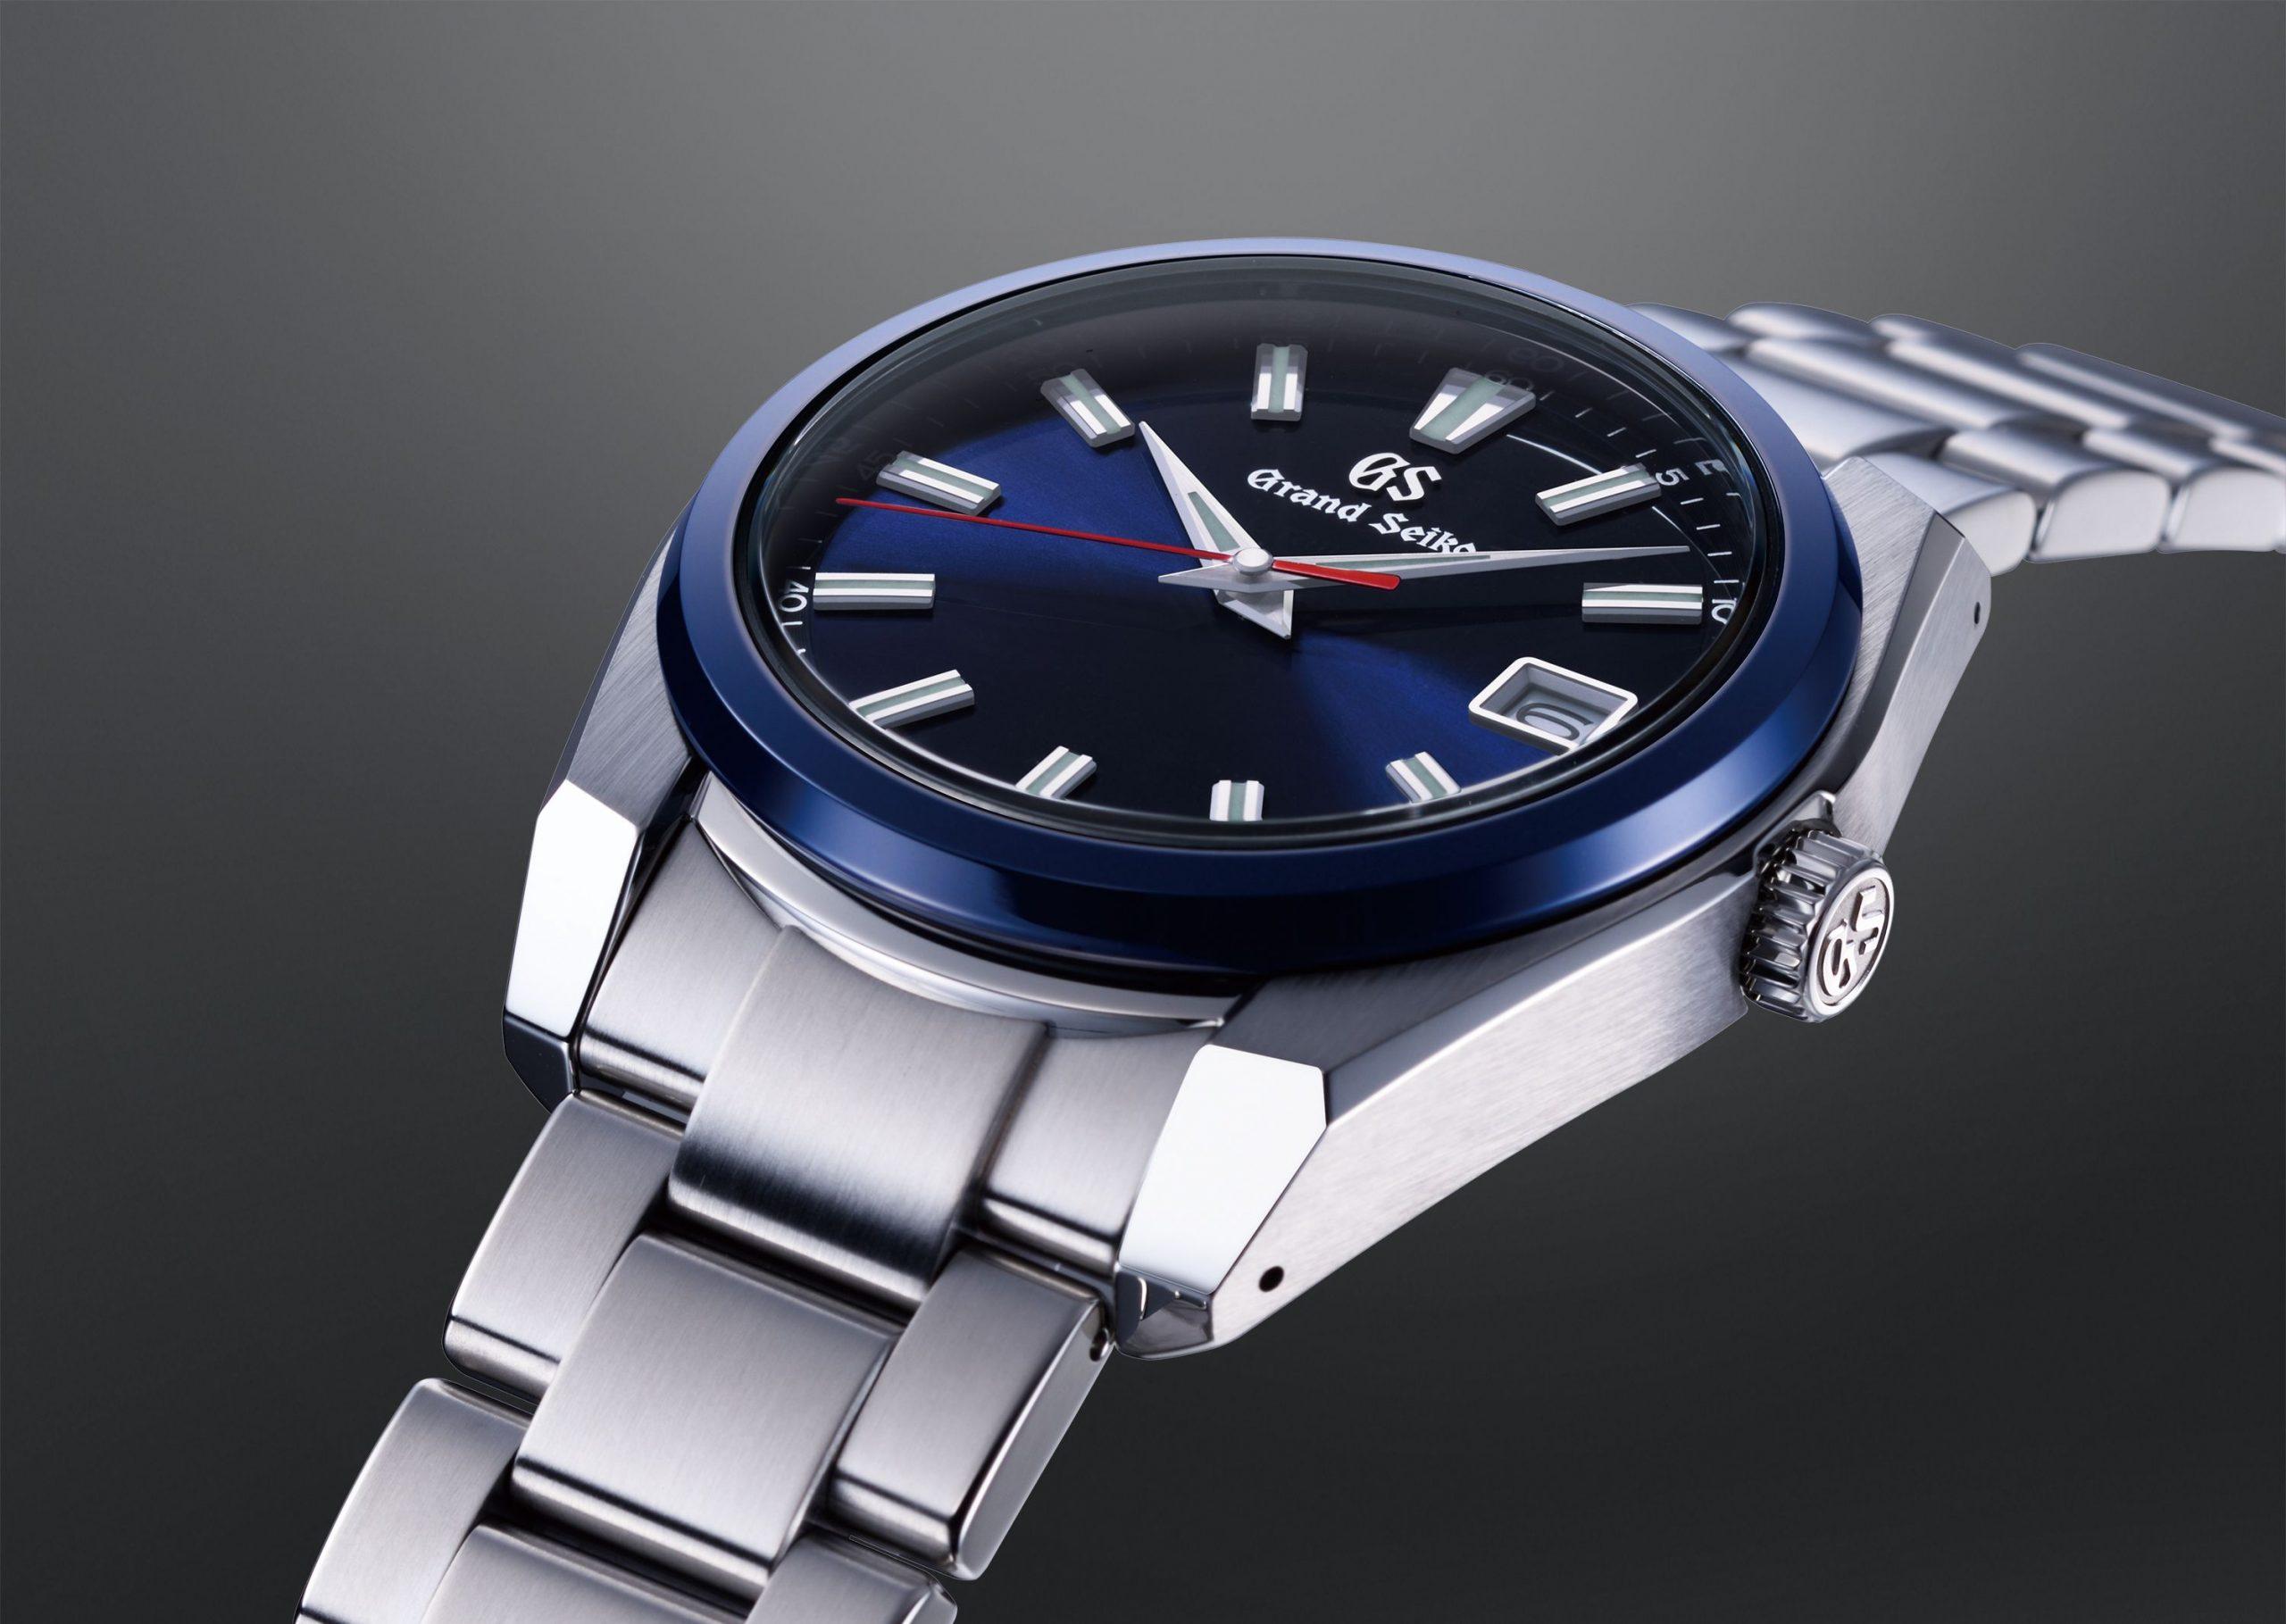 Grand Seiko 60th Anniversary watches